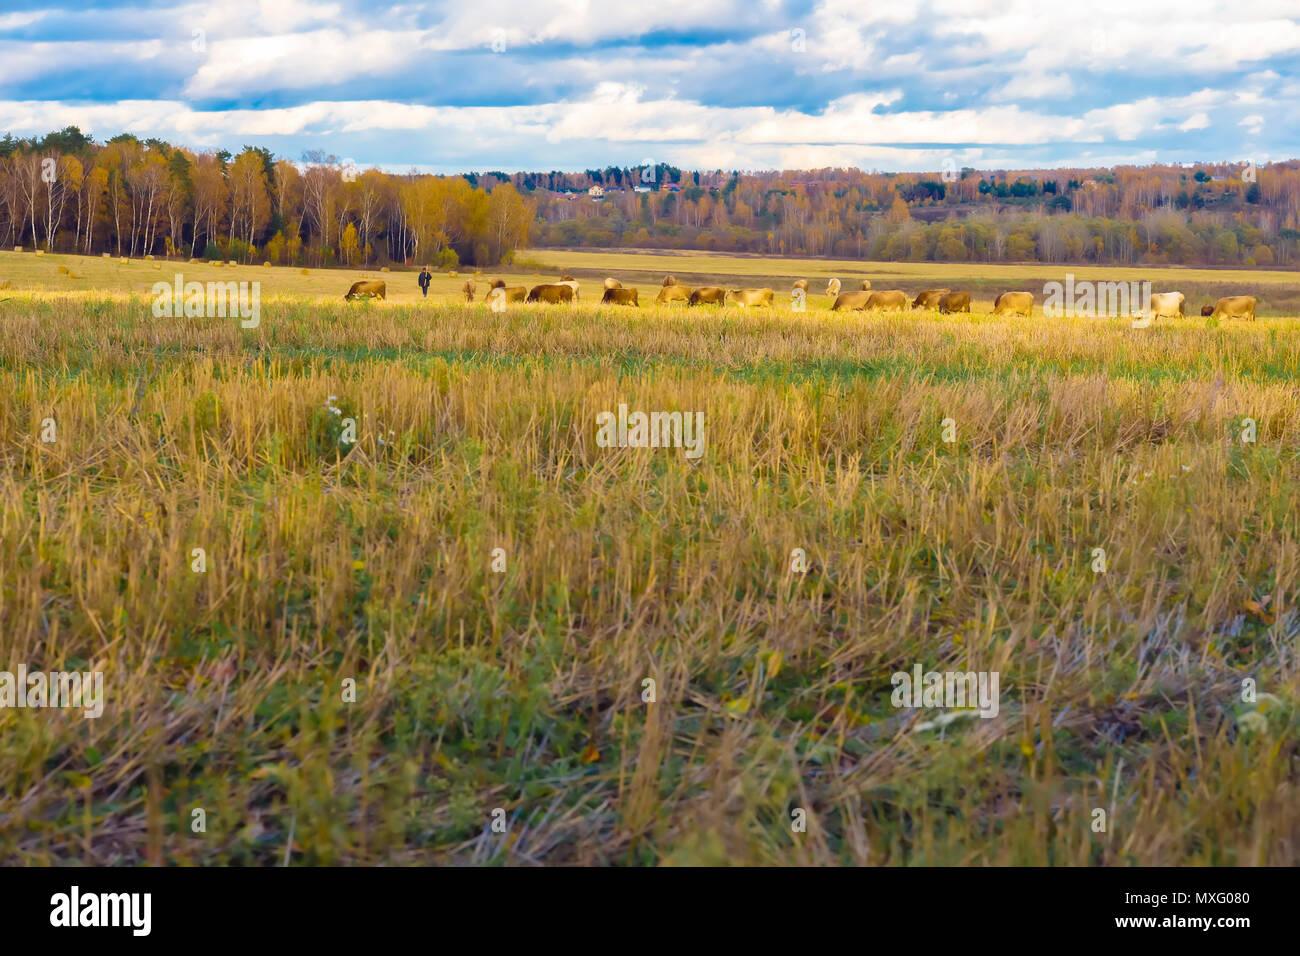 Herbst rustikale Landschaft, abfallenden Feld, Wiese, weidende Kühe, Hirte, Feld nach der Ernte auf den Hintergrund der Wald Stockbild